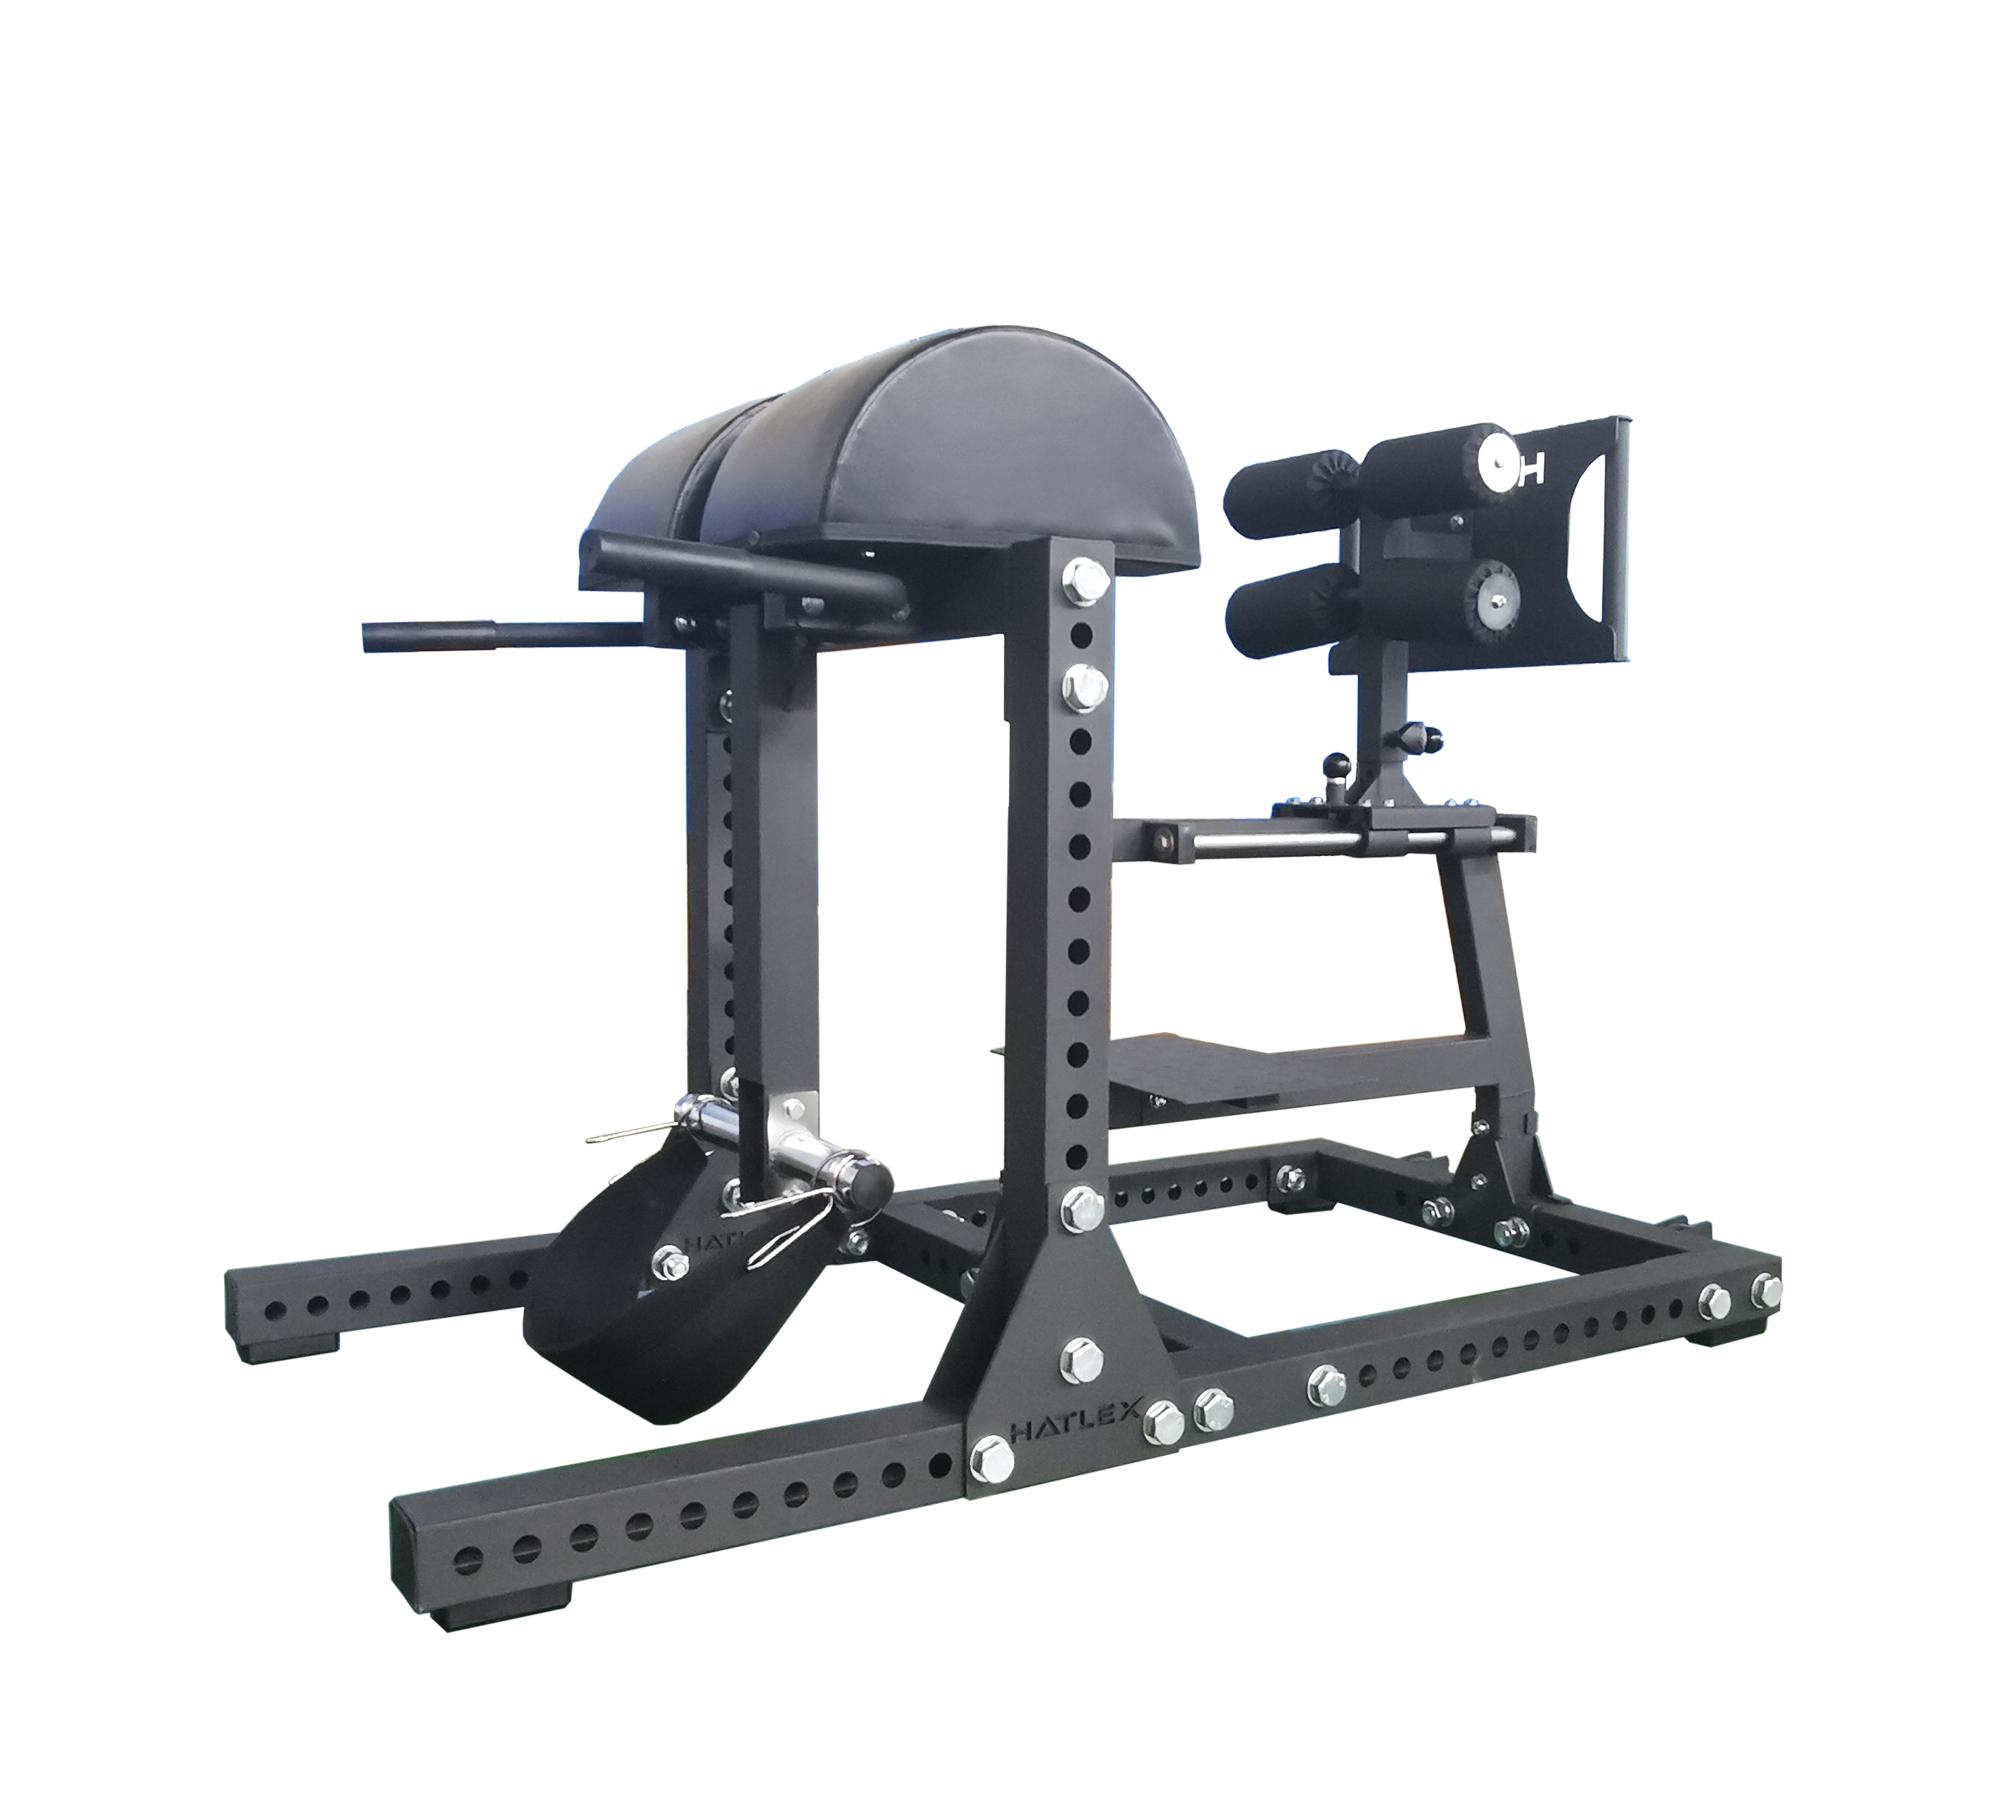 重型腹背训练器 罗马椅 山羊挺身 GHD 俯卧反向抬腿 屈腿臀